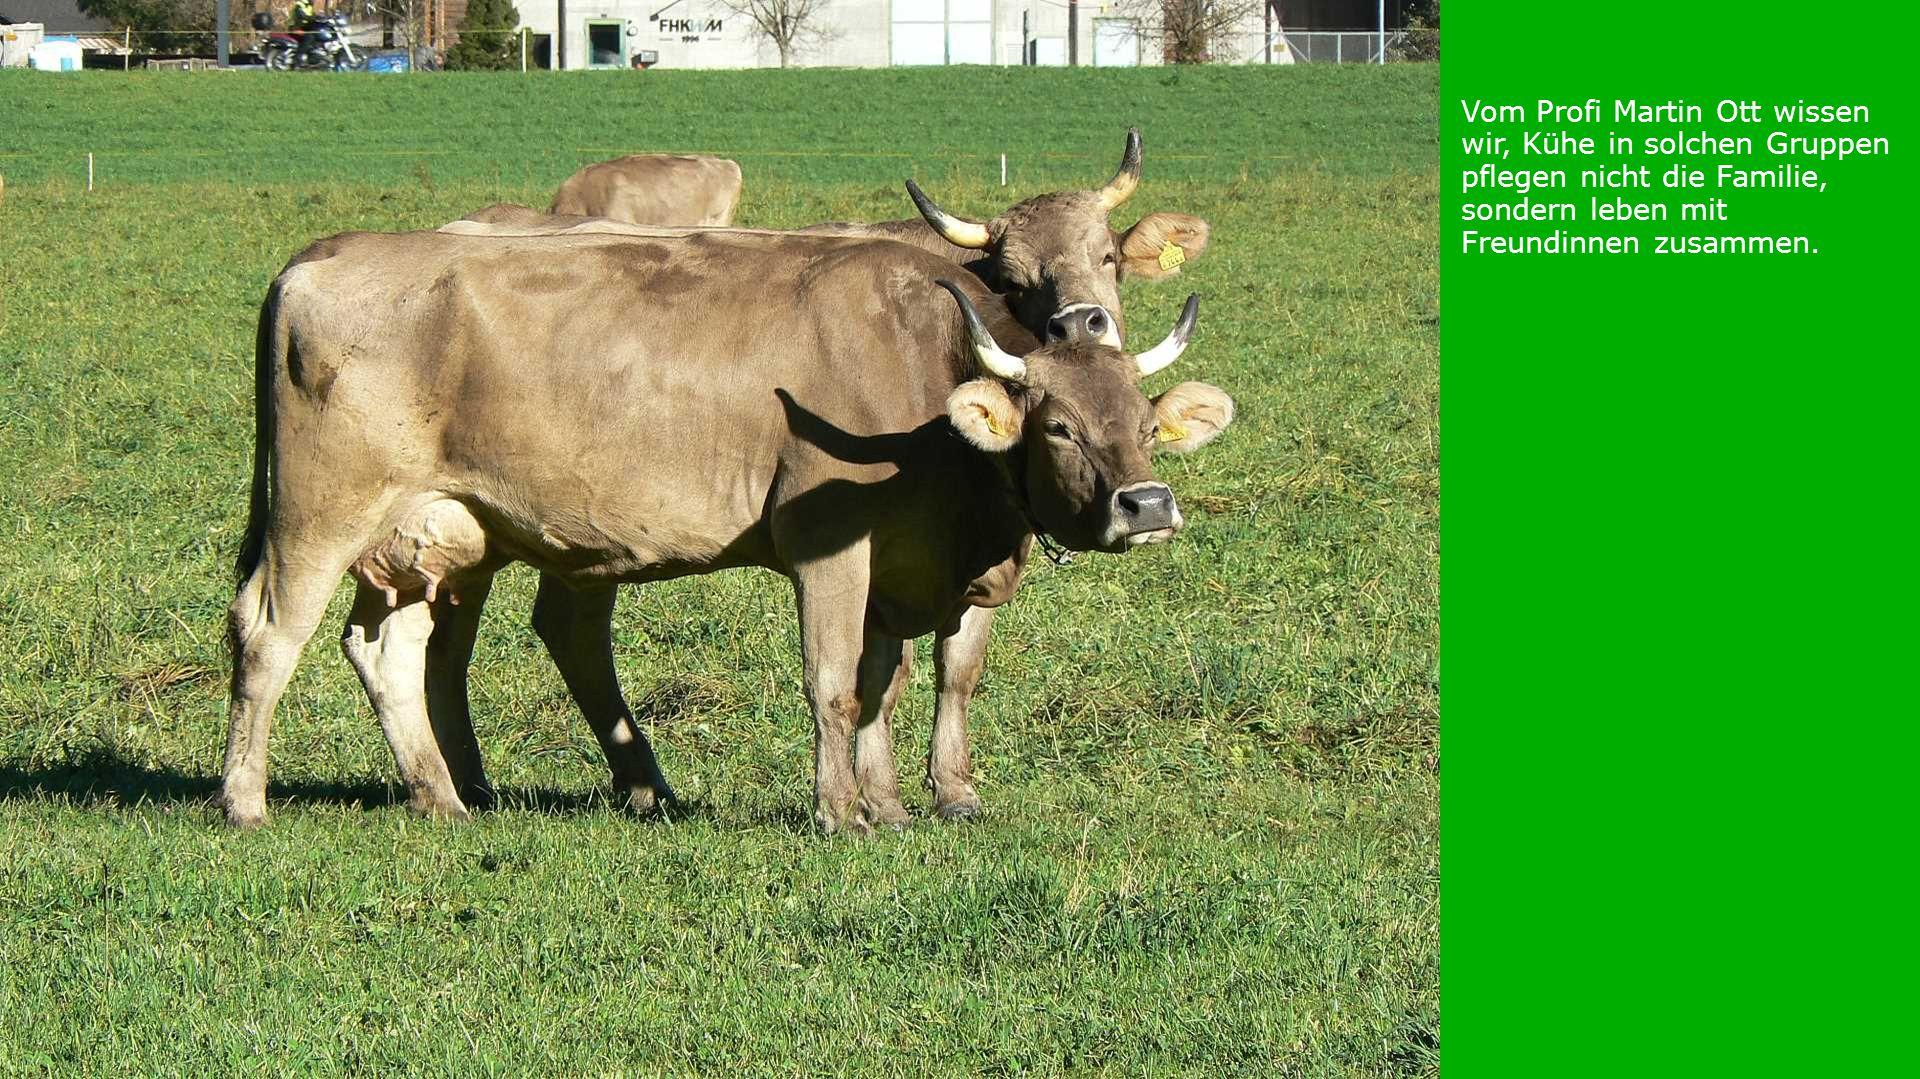 Vom Profi Martin Ott wissen wir, Kühe in solchen Gruppen pflegen nicht die Familie, sondern leben mit Freundinnen zusammen.